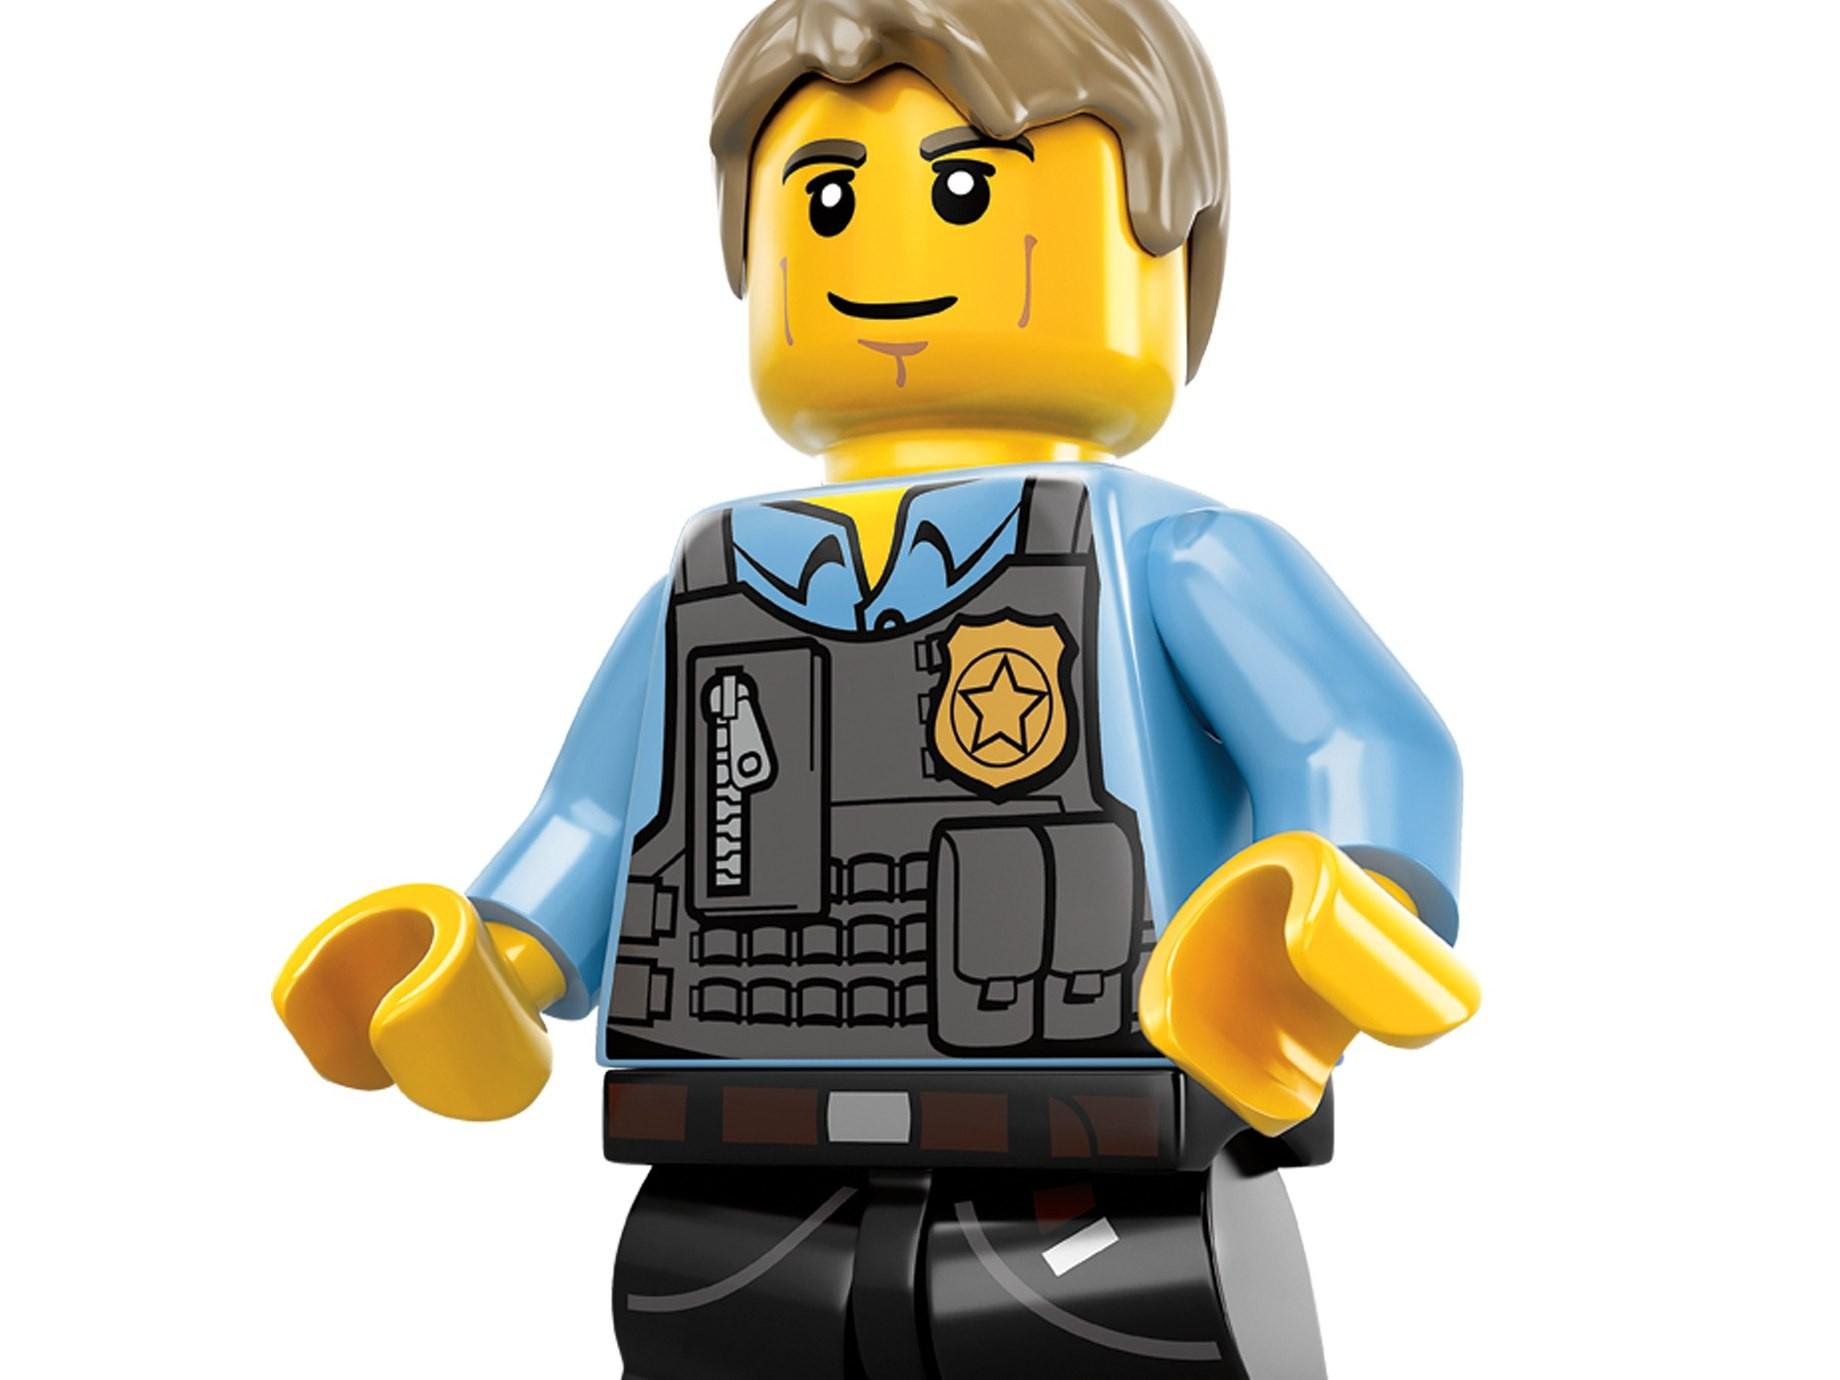 Introspection Sur Le Célibat 7 : S'entraîner À Être En serapportantà Lego City Dessin Animé